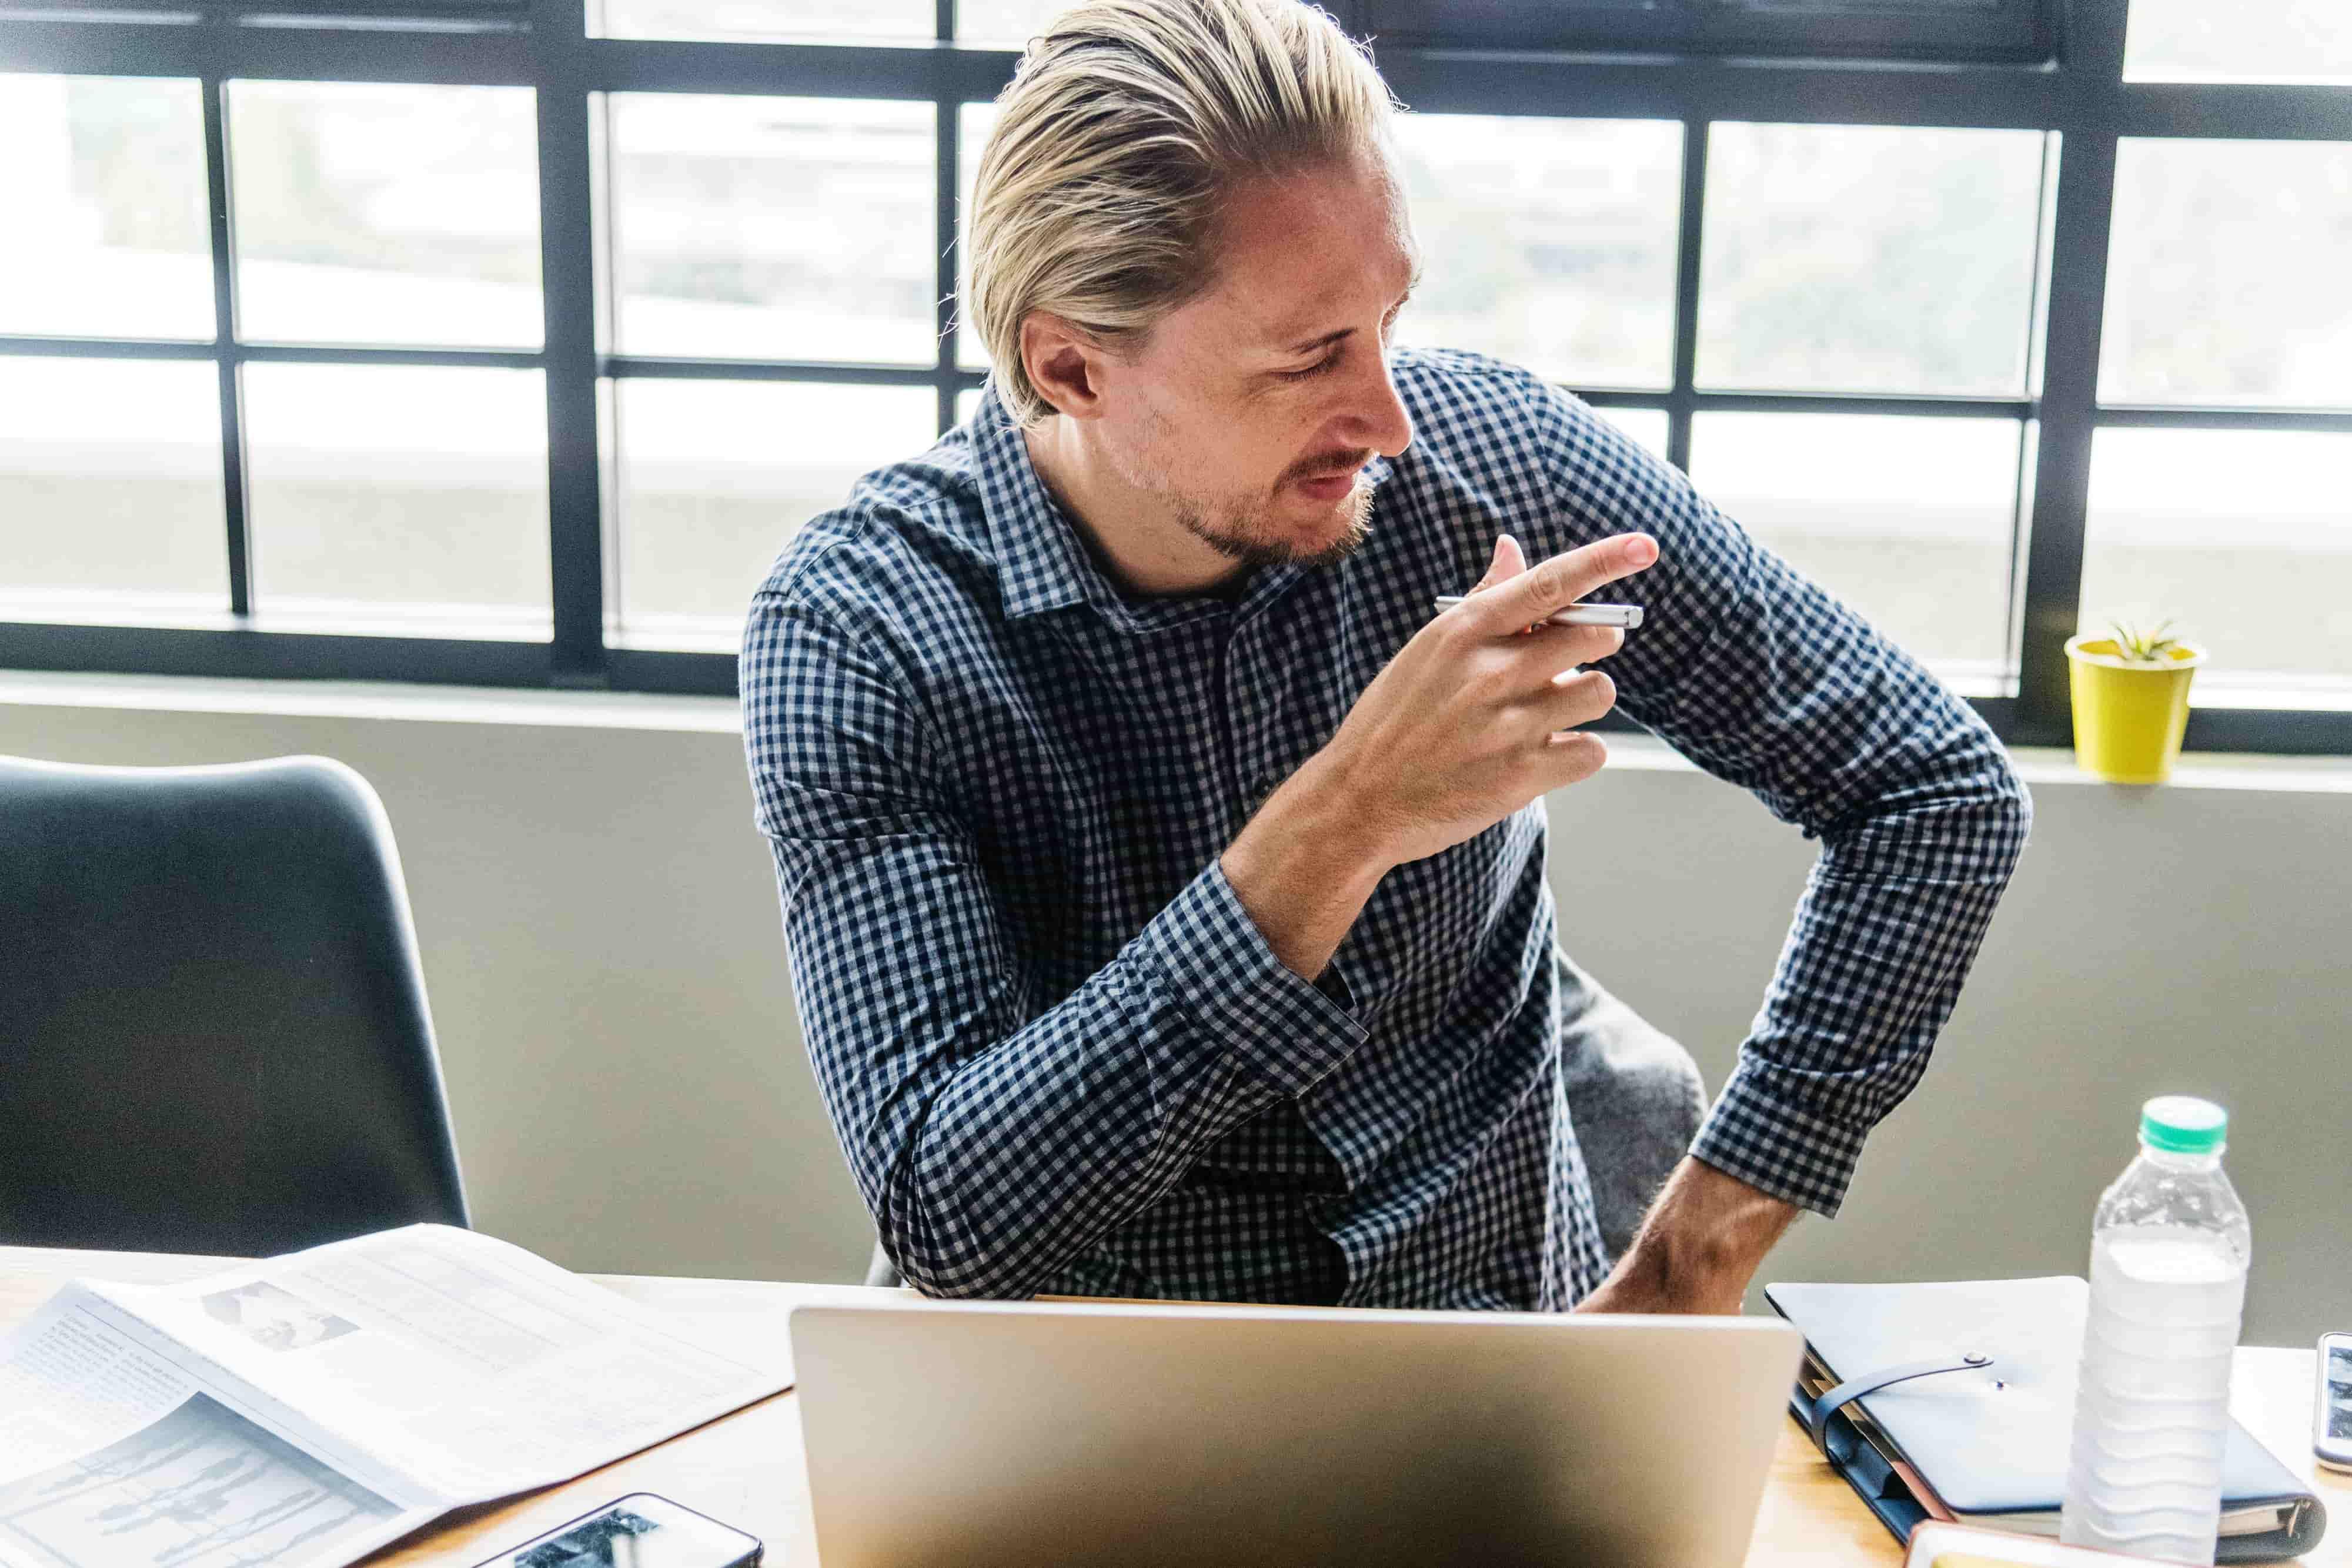 Découvrez les séquences emails pour prospecter efficacement dans l'industrie